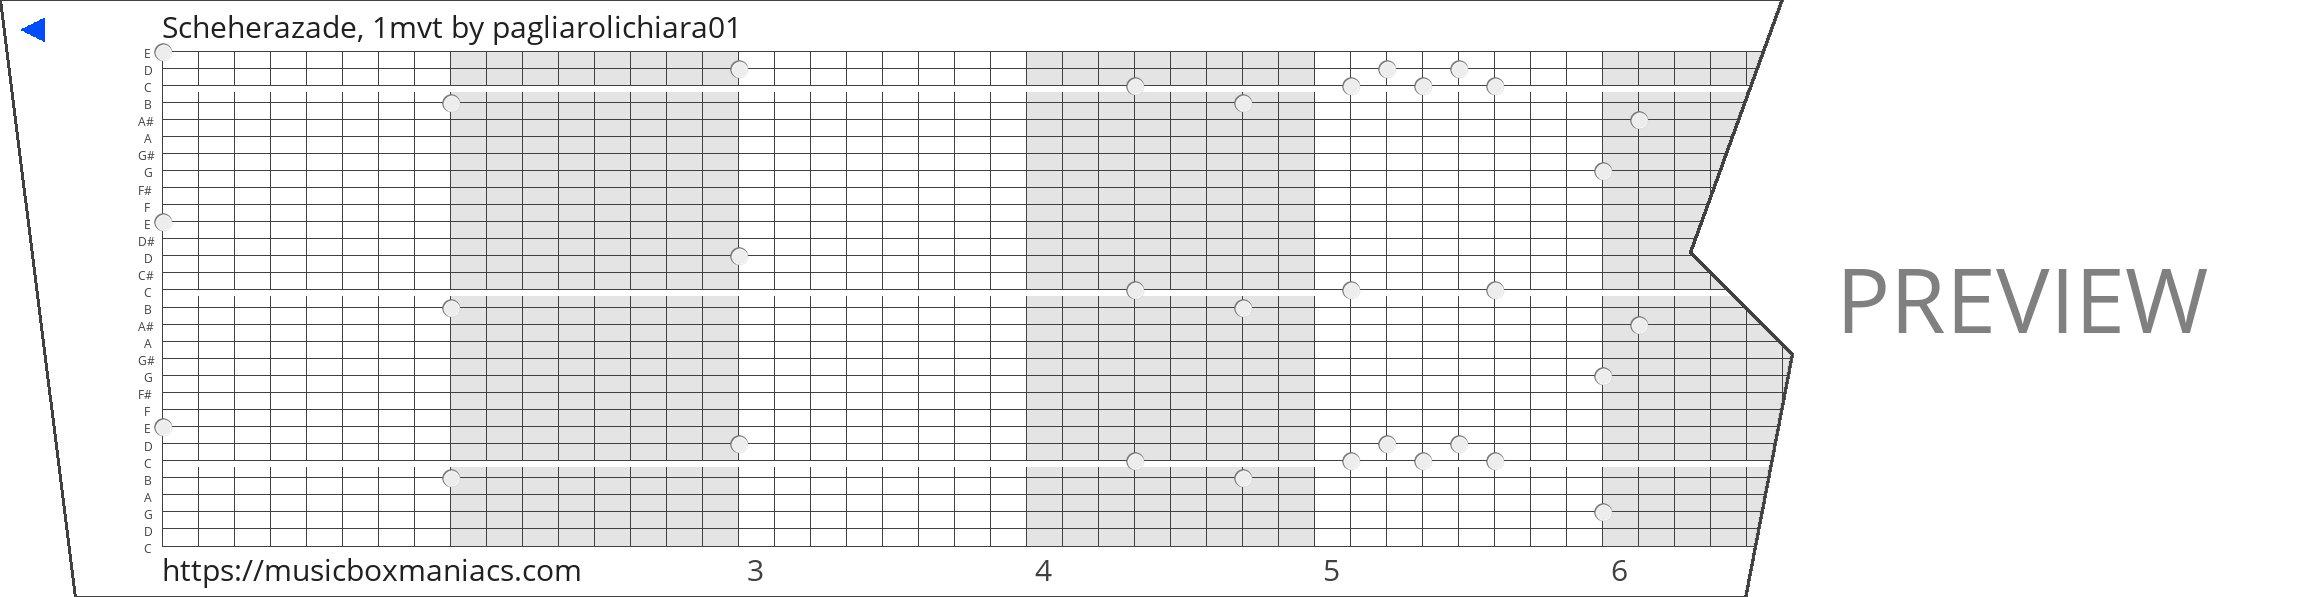 Scheherazade, 1mvt 30 note music box paper strip